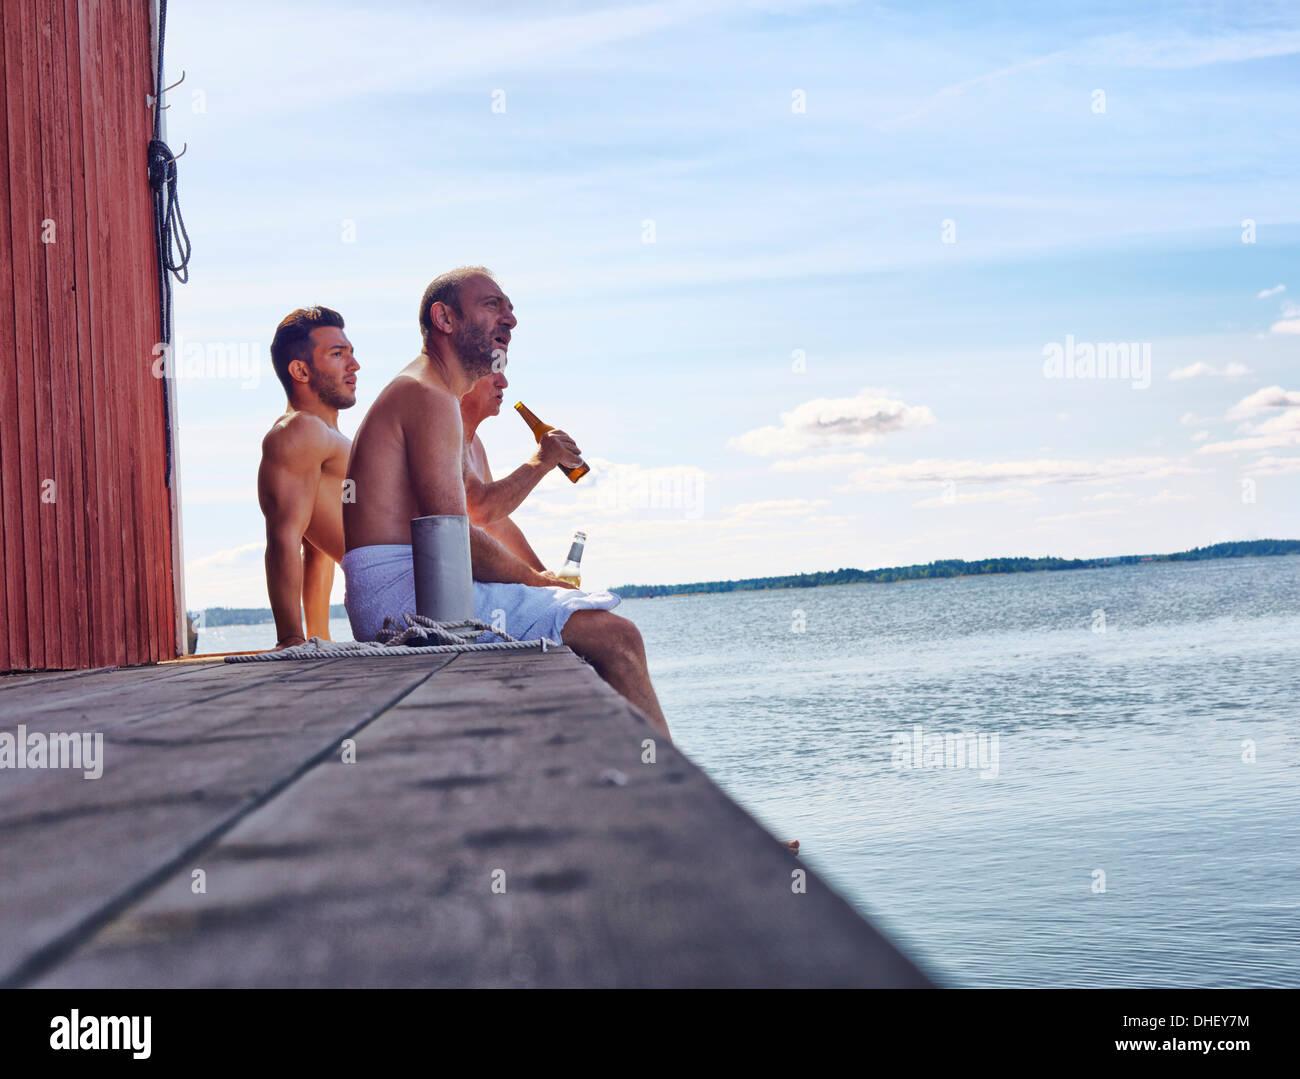 Tre amici di sesso maschile seduto fuori sauna godendo di birra Immagini Stock